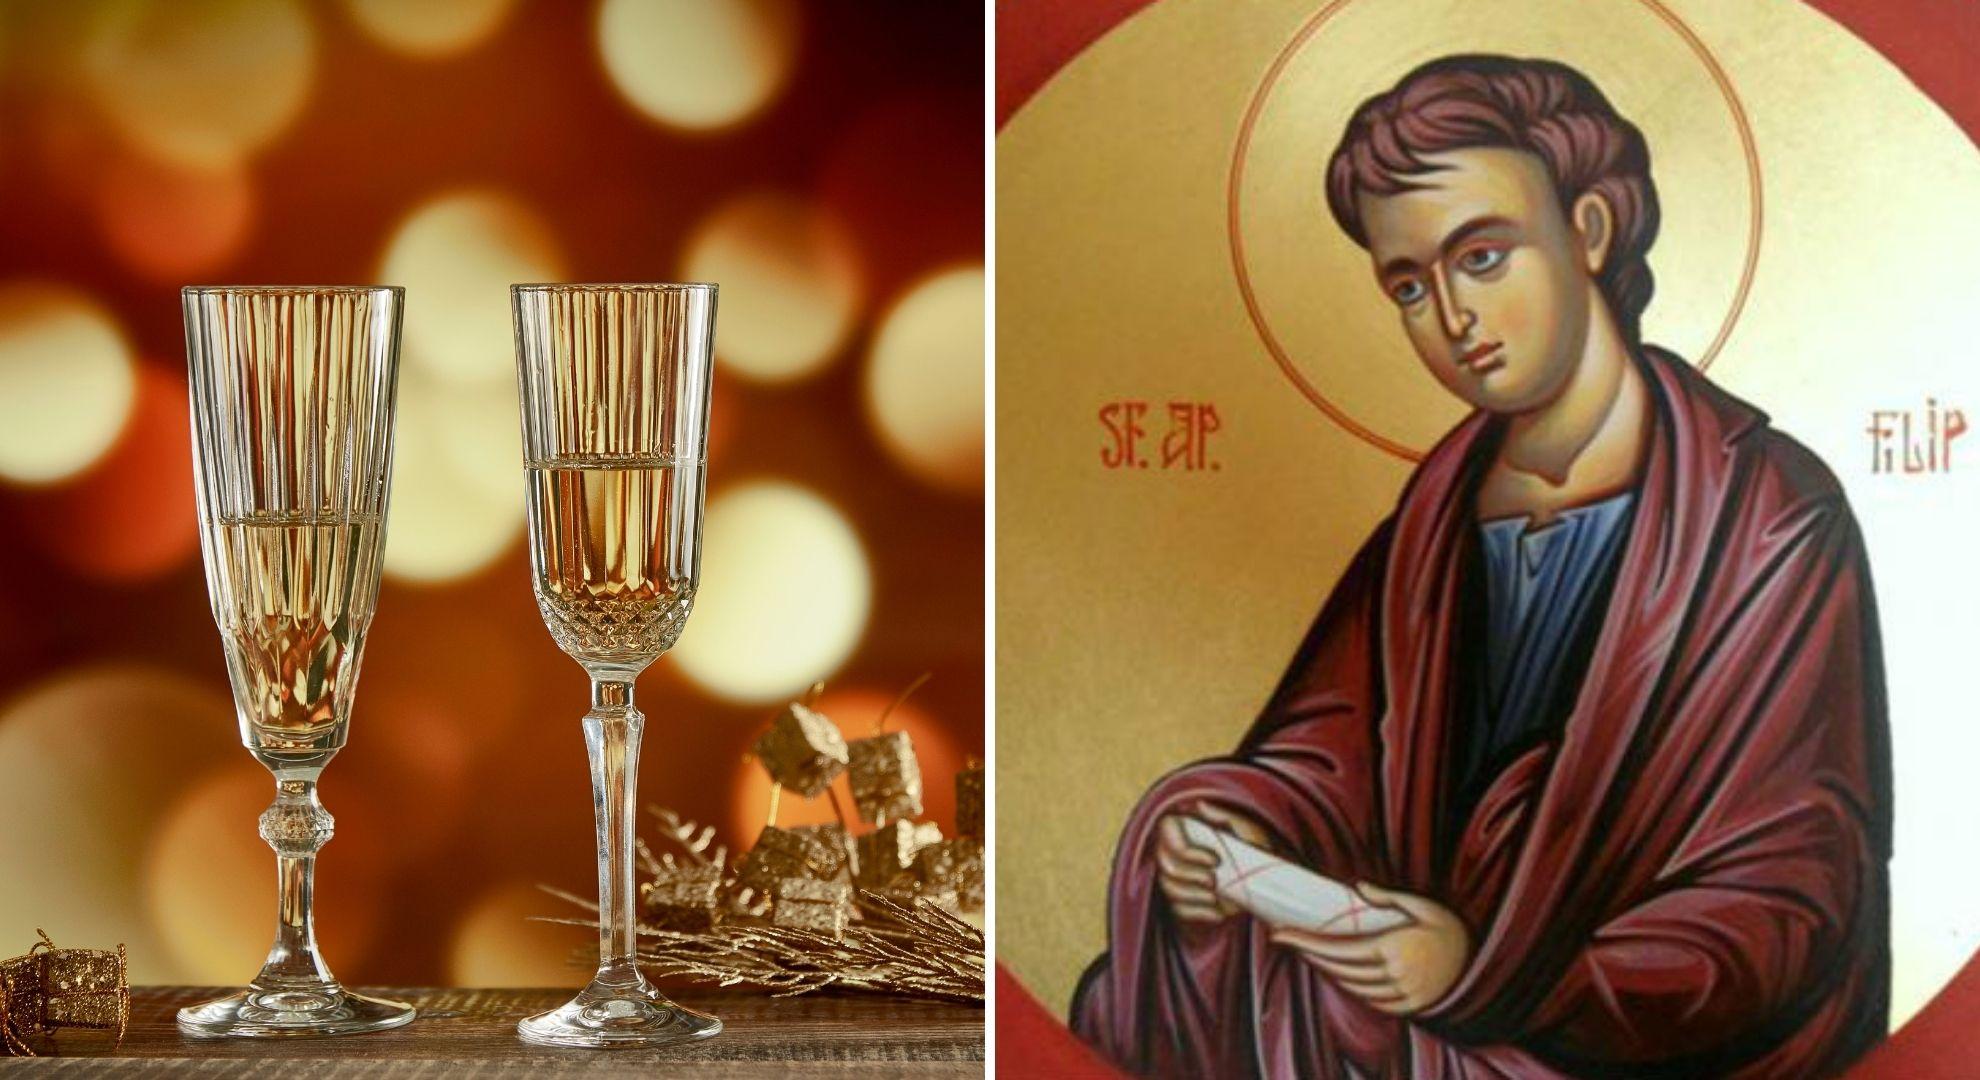 La mulți ani de Sfântul Filip. Mesaje și felicitări pentru toți cei care poartă acest nume